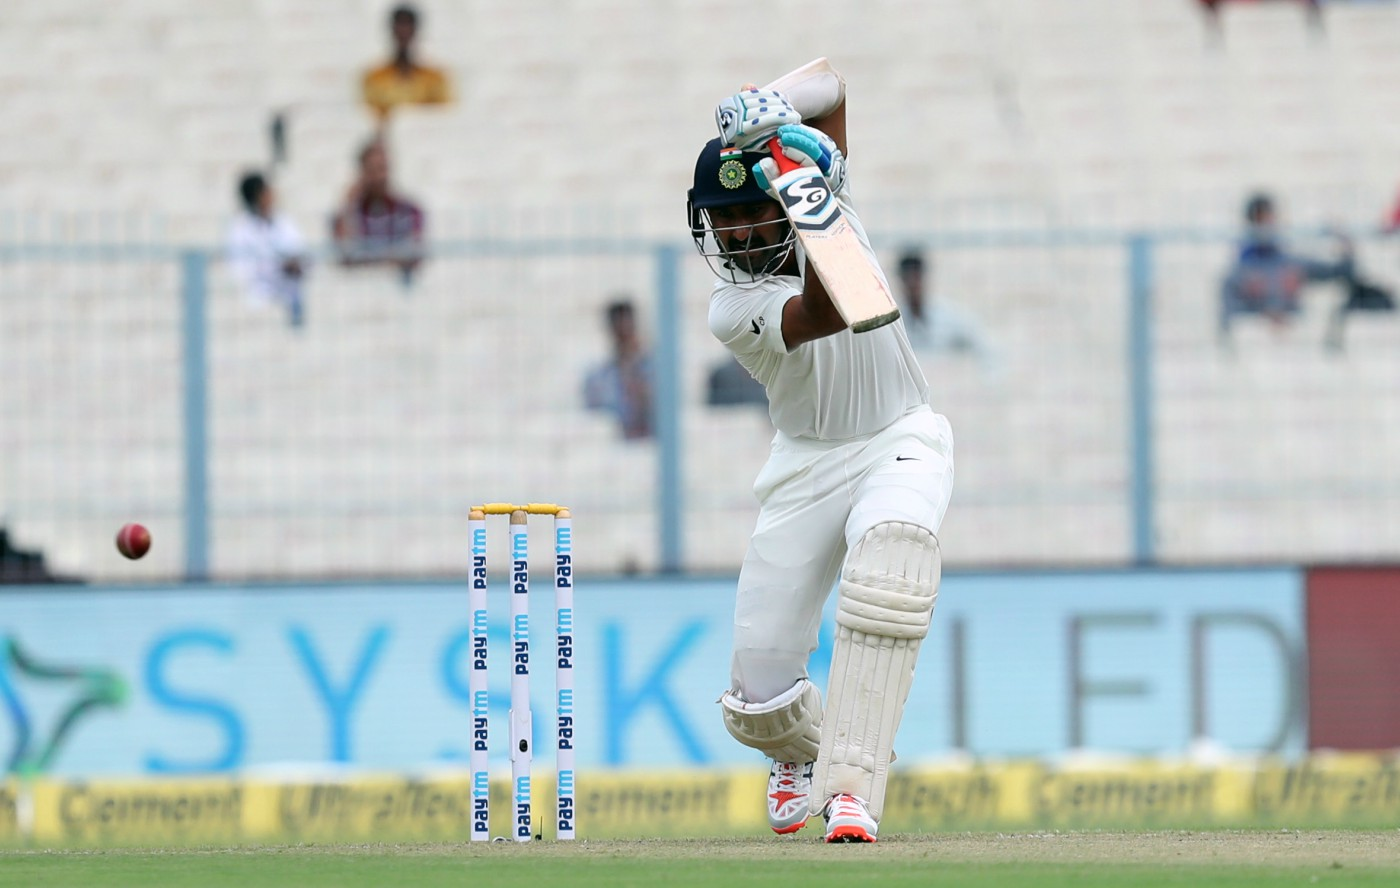 ইডেনে ড্রয়ের পর দ্বিতীয় টেস্টে ভারতের একাদশ 3